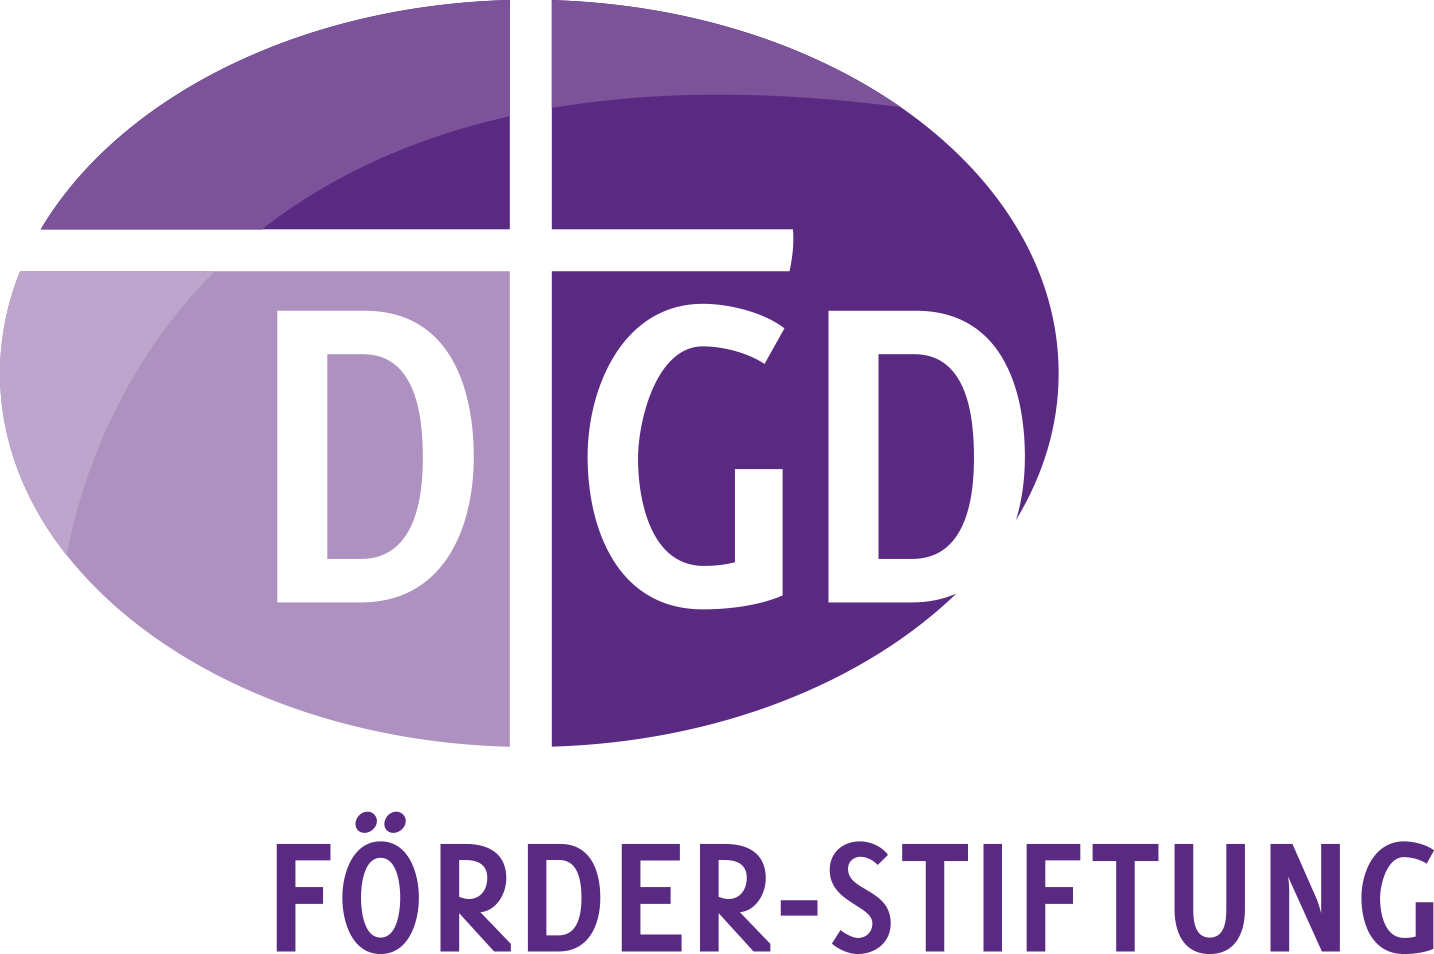 DGD_Logo_FÖRDER-STIFTUNG.jpg